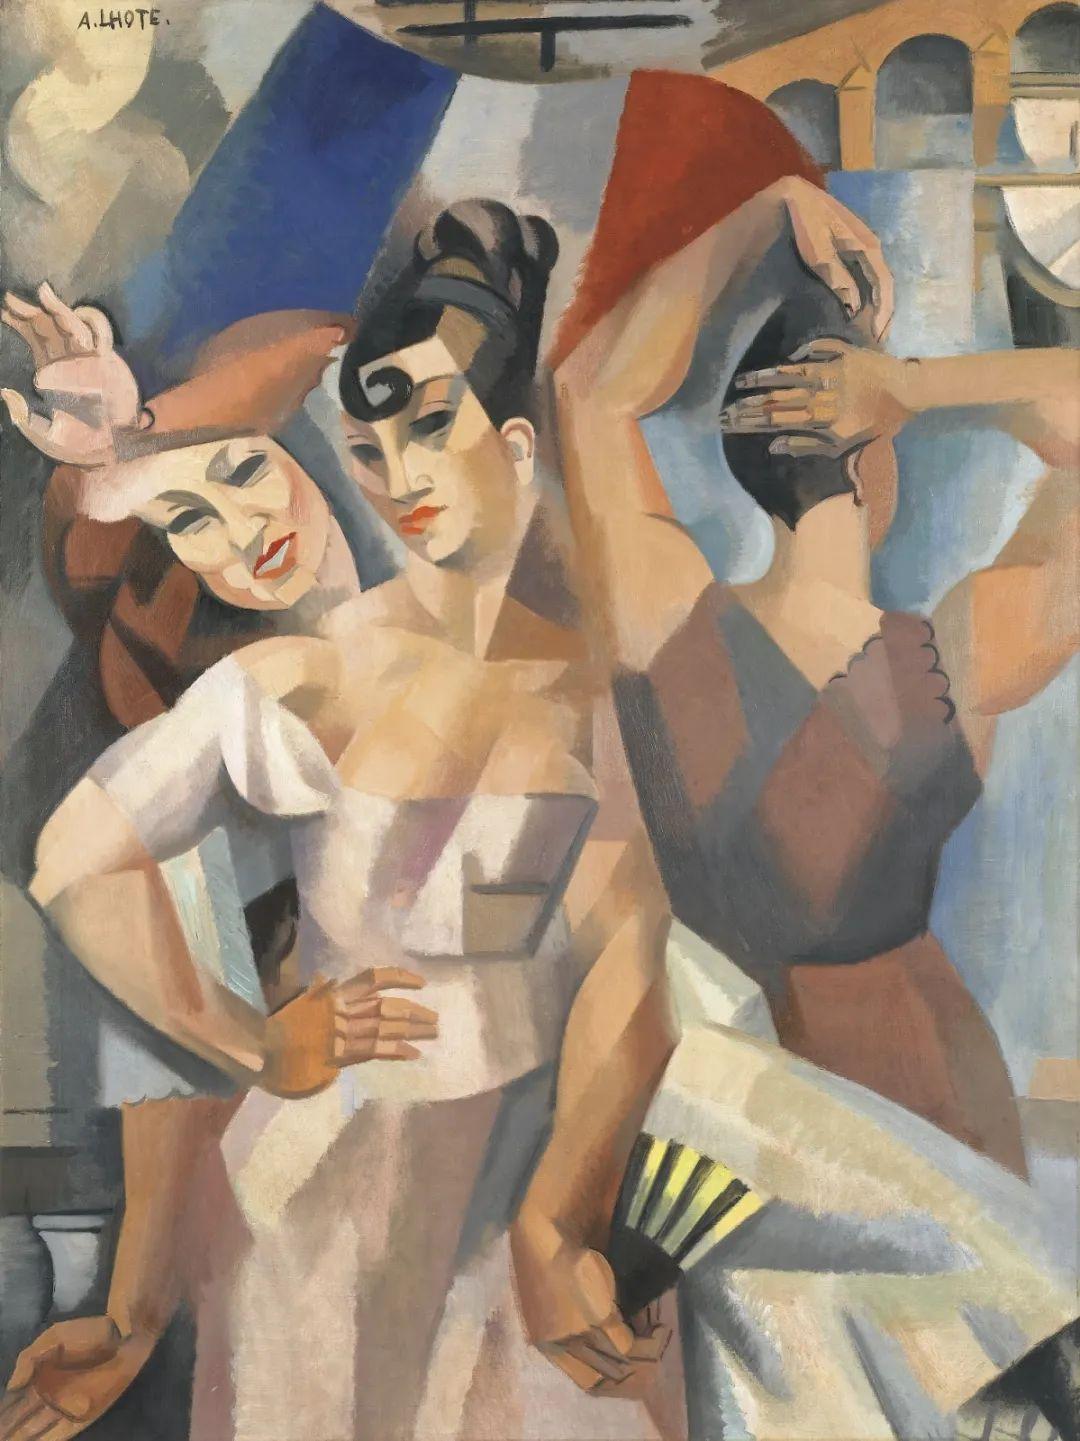 立体派,法国画家安德烈·洛特插图41